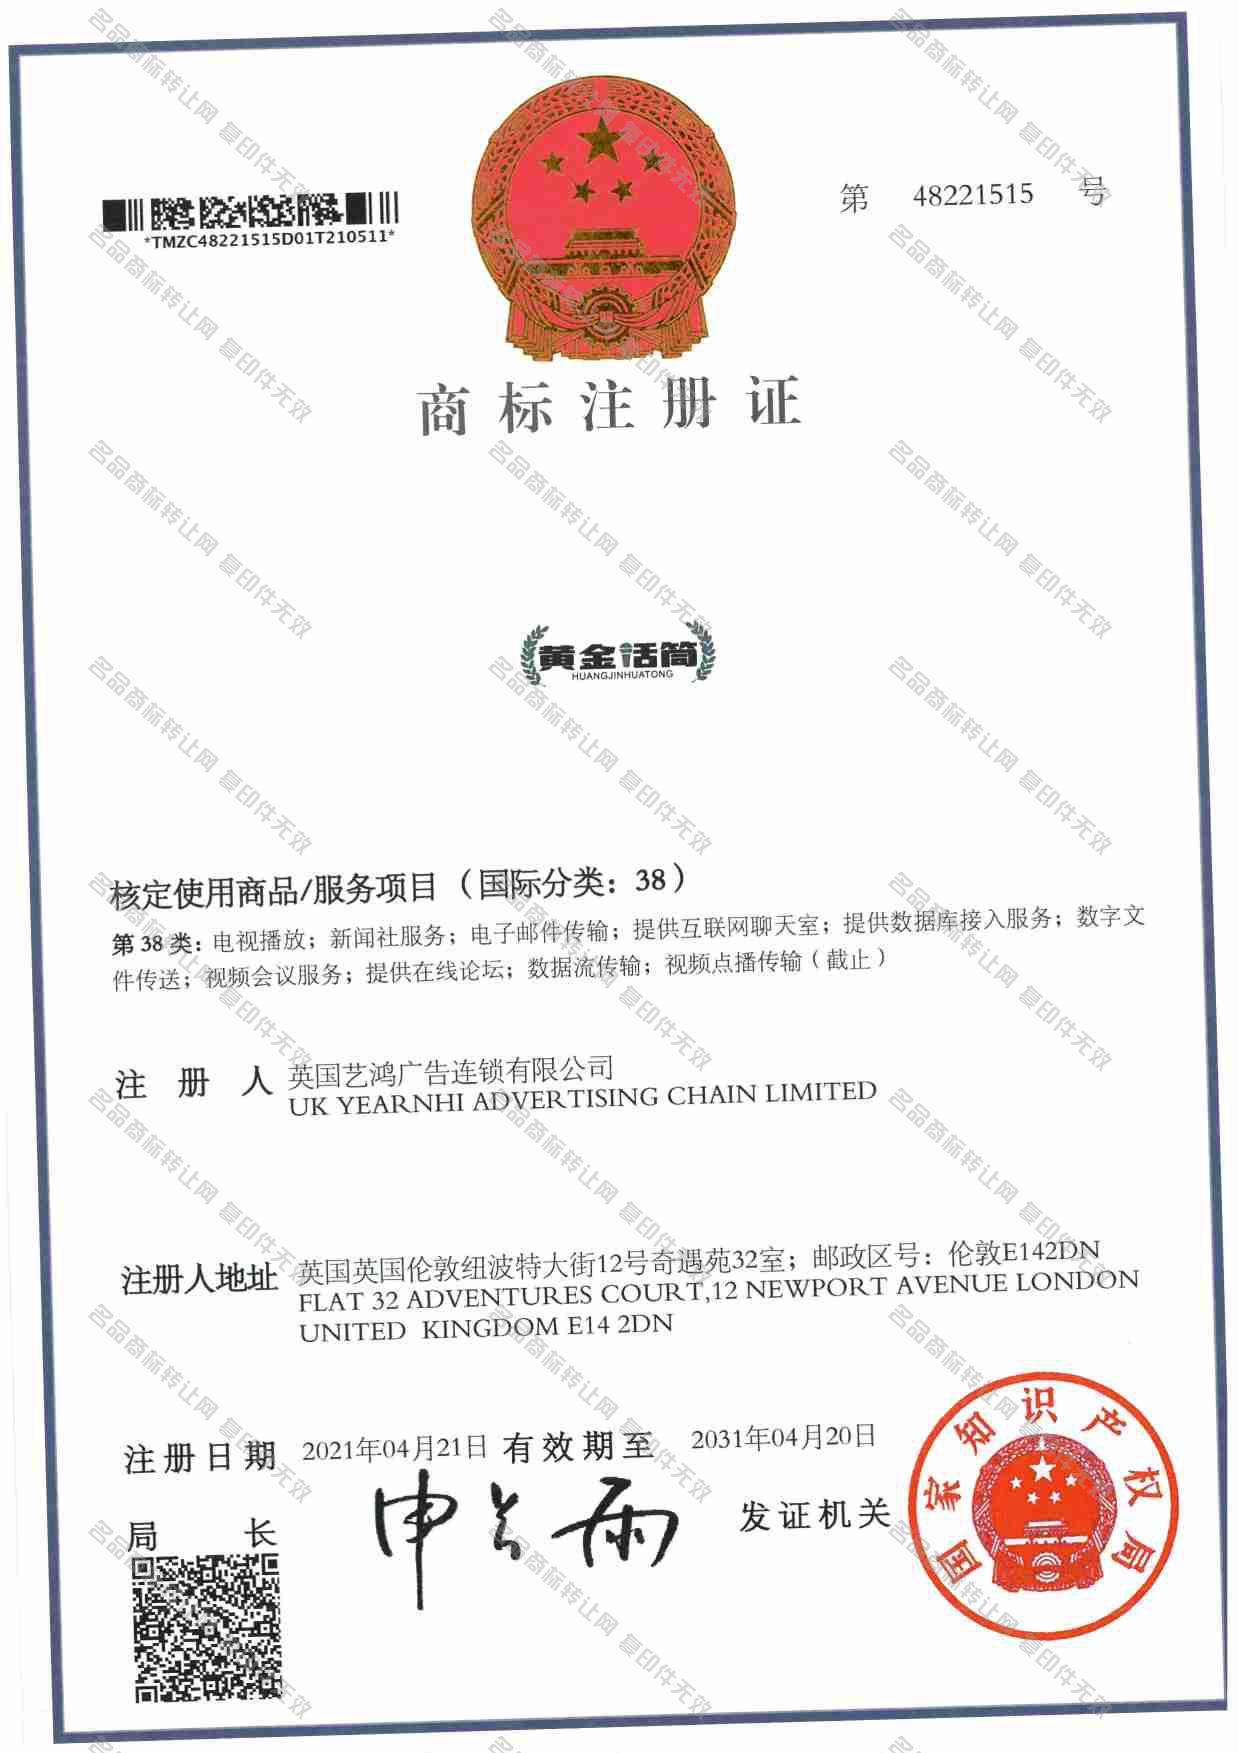 黄金话筒注册证